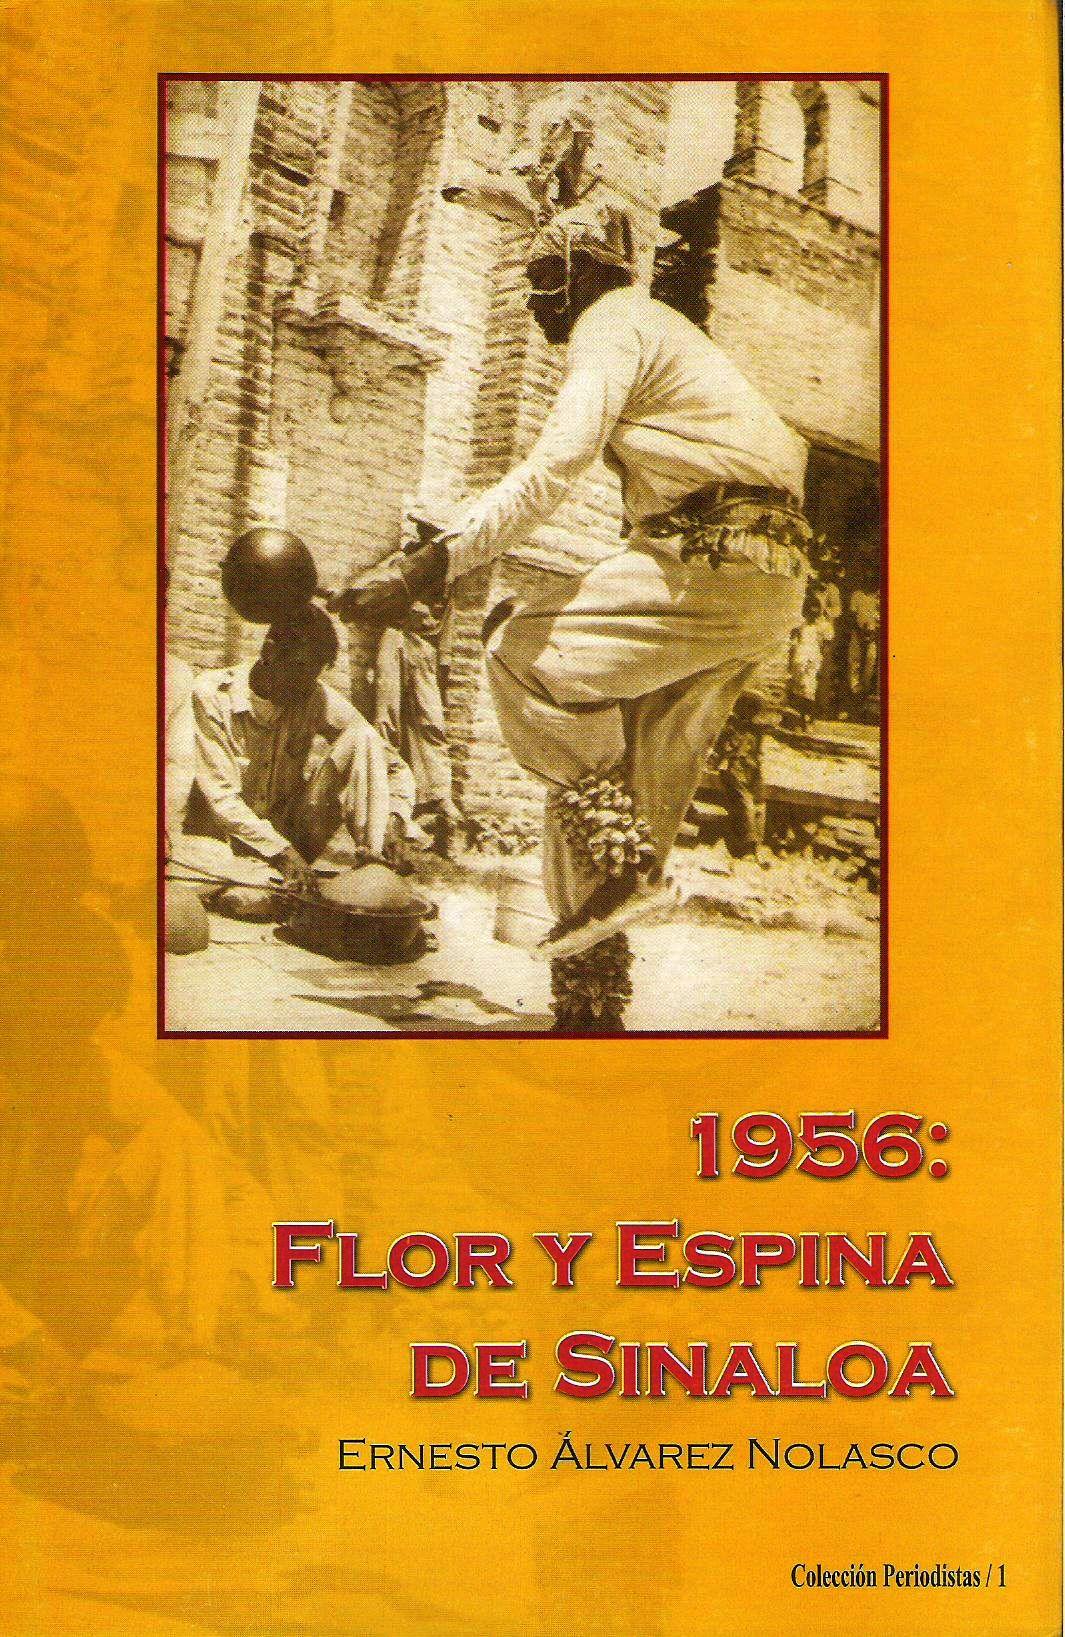 1956 Flor y espina de Sinaloa